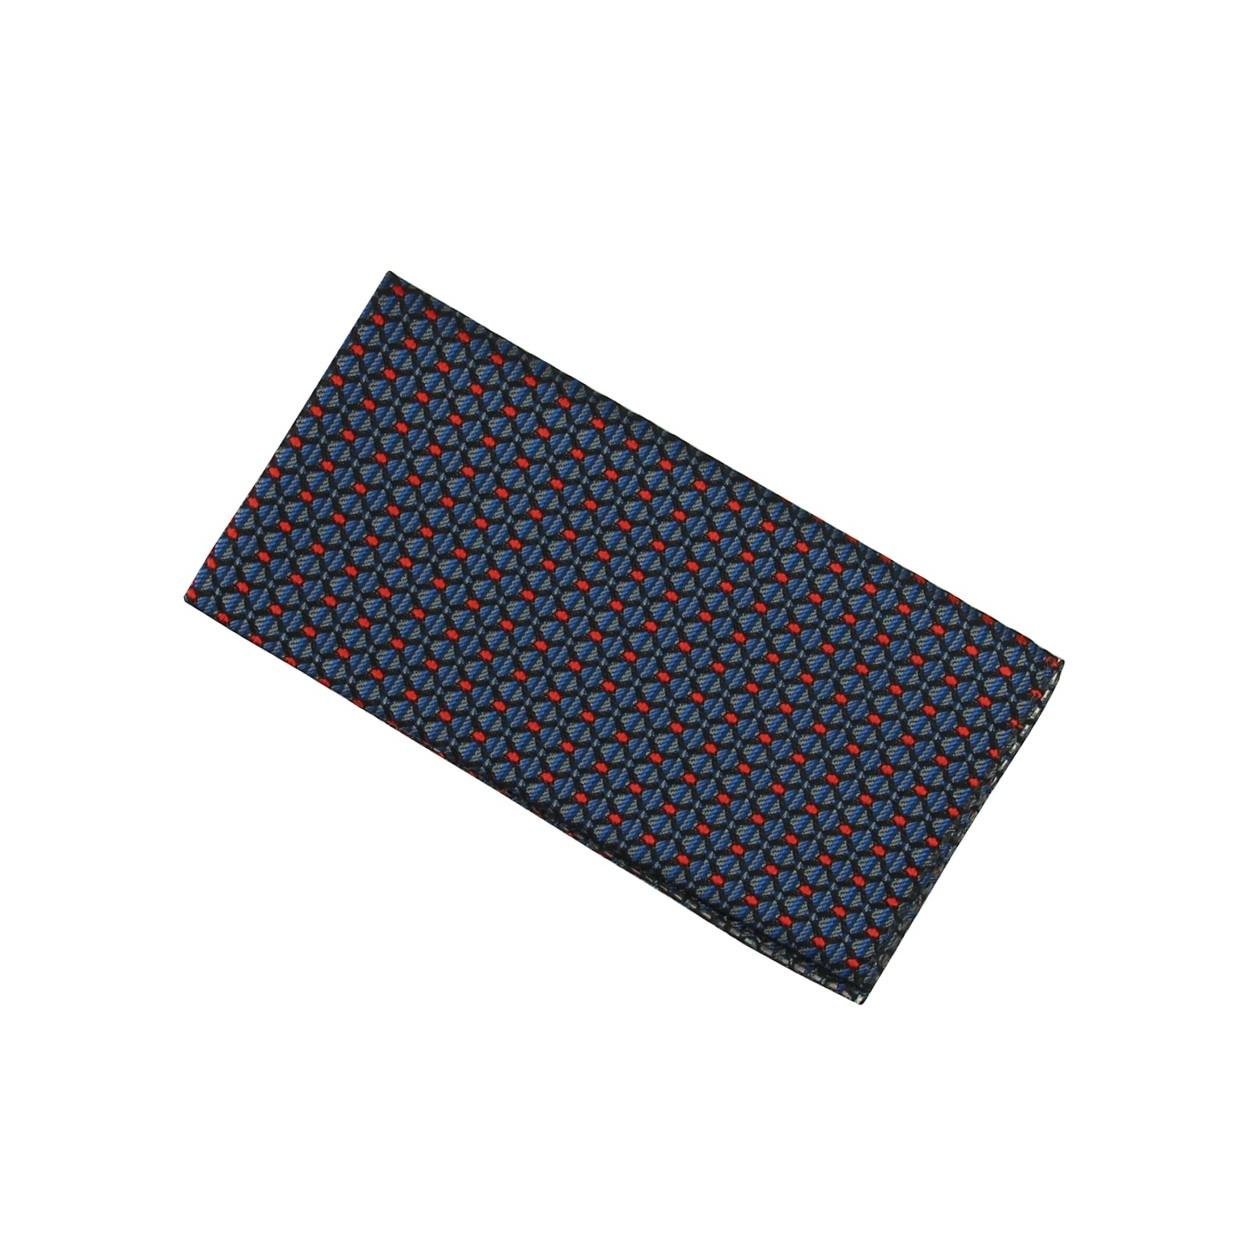 Modro šedý pánský kapesníček do saka s červenými puntíky